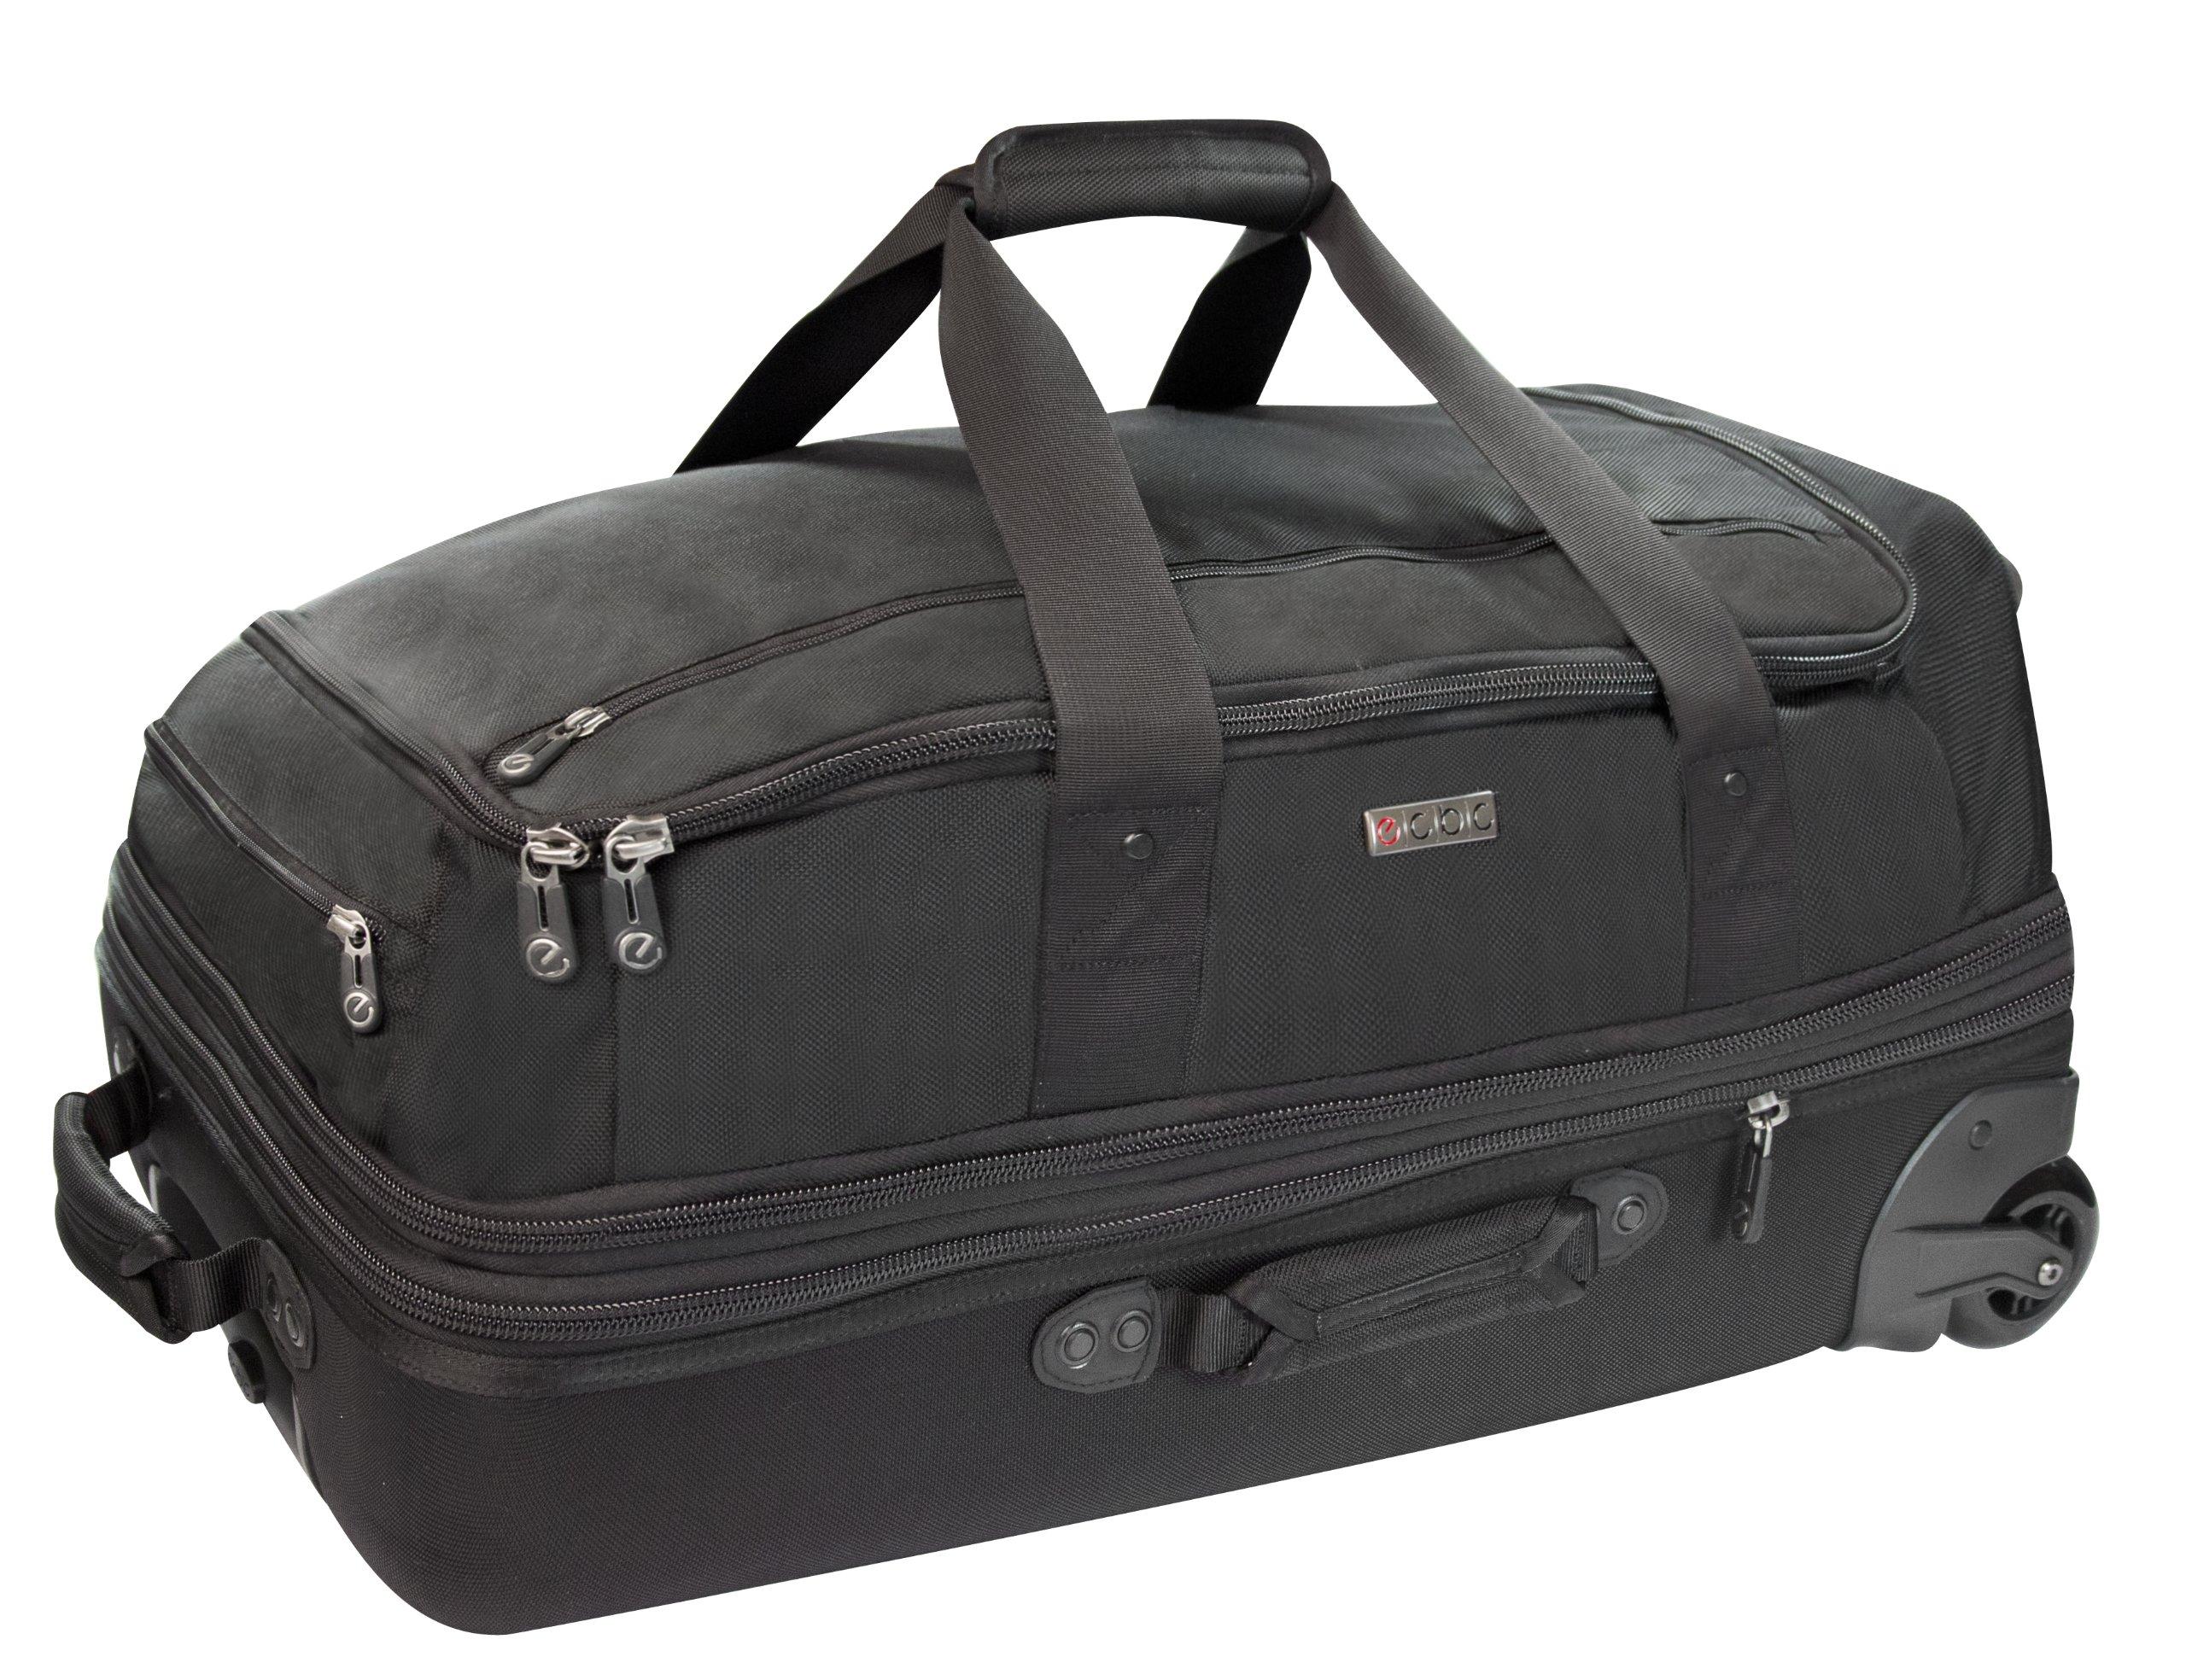 ECBC Falcon Wheeled Rolling 26-Inch Duffle Bag, Black by ECBC